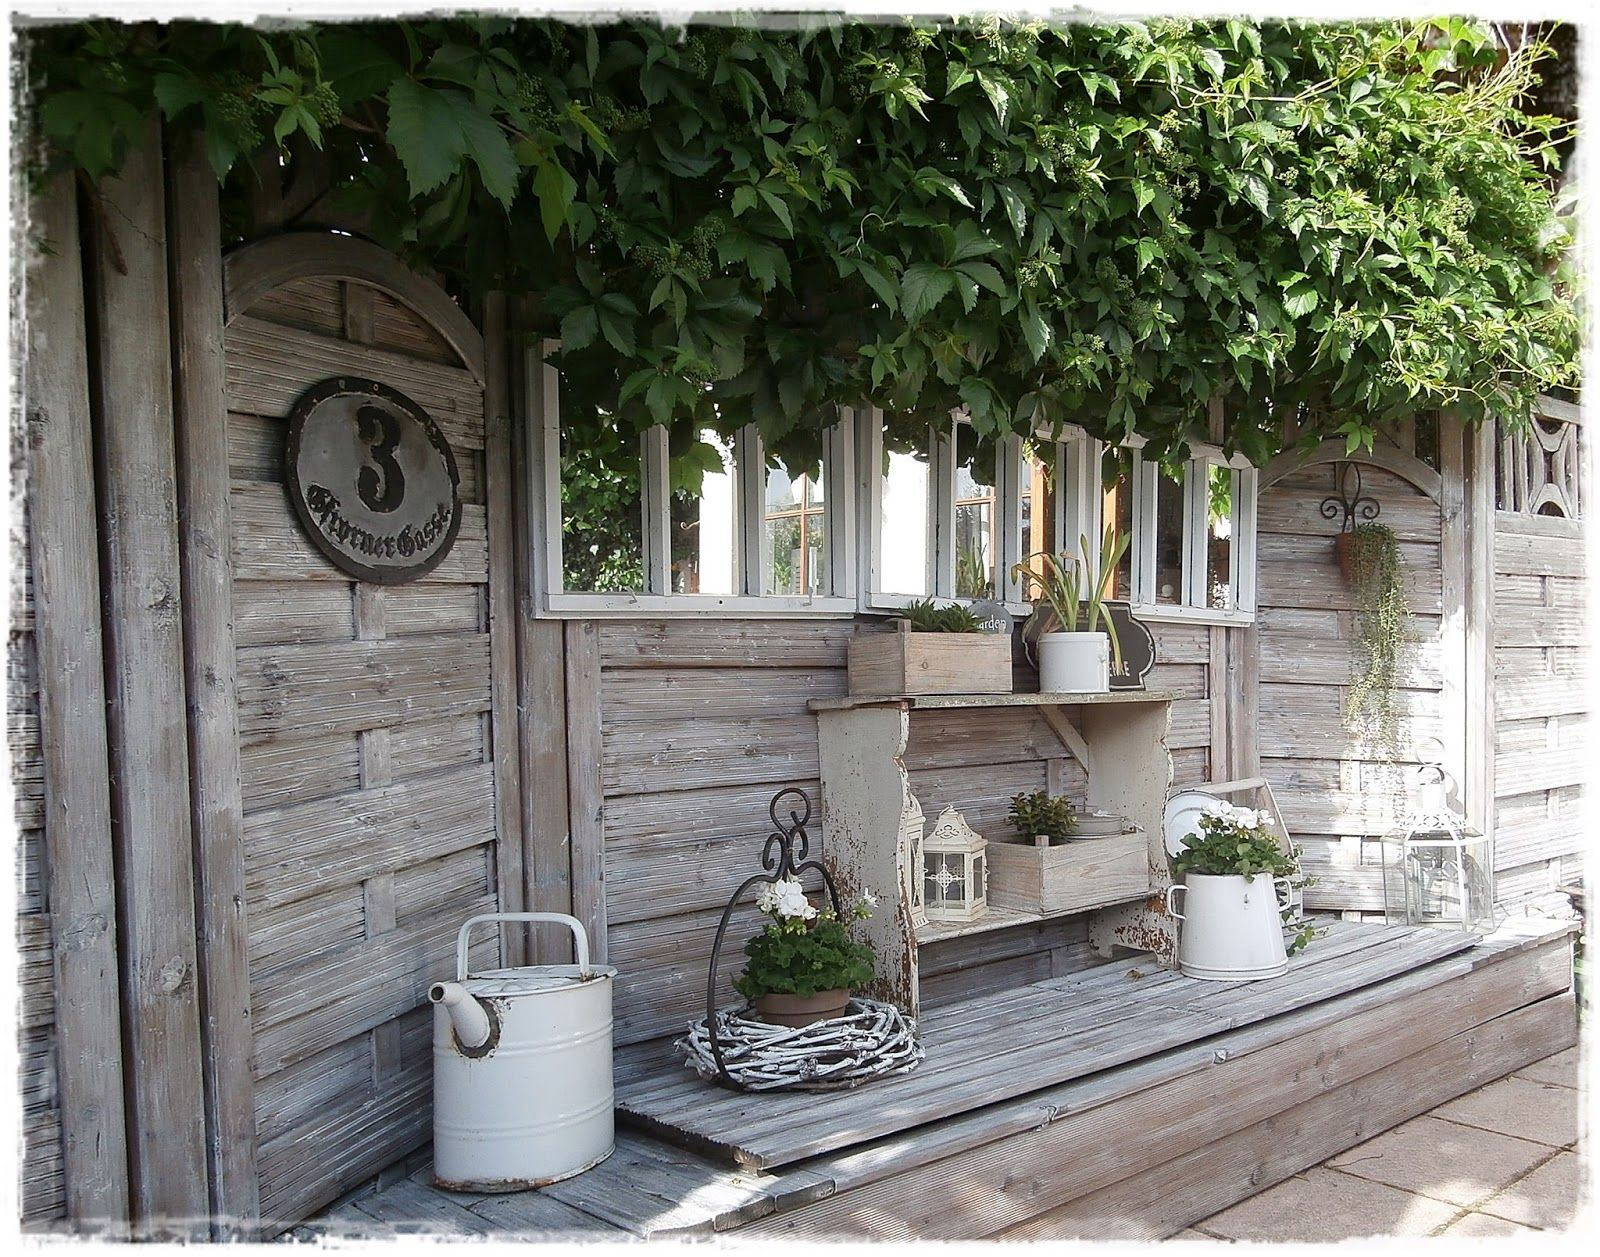 Ook je tuin krijgt een brocante sfeer met oude emaillen emmers leuke tuinbankjes en romantische - Outdoor tuin decoratie ideeen ...